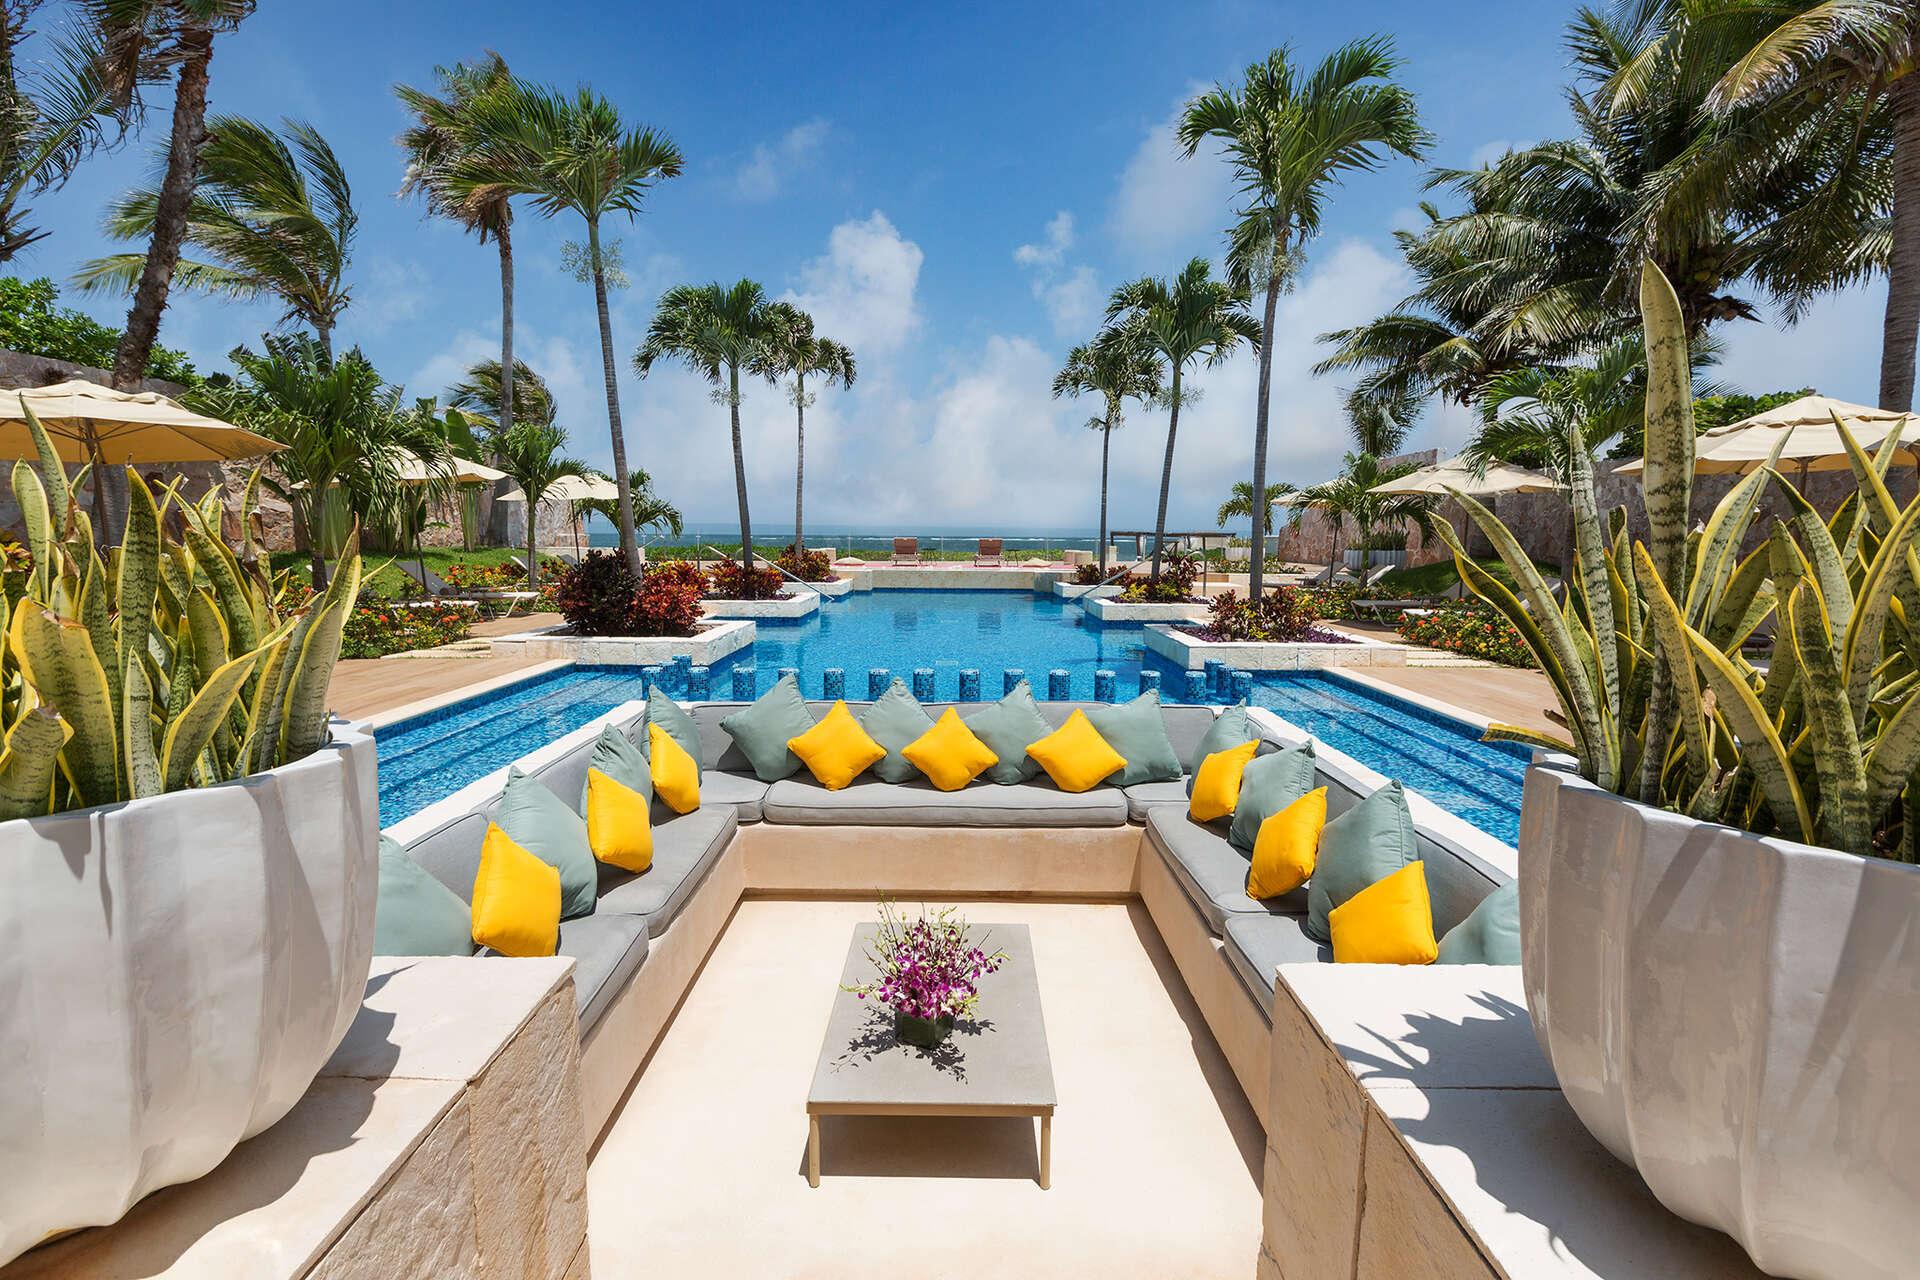 Luxury vacation rentals mexico - Riviera maya - Puerto morelos - No location 4 - Azul Casa del Mar - Image 1/22